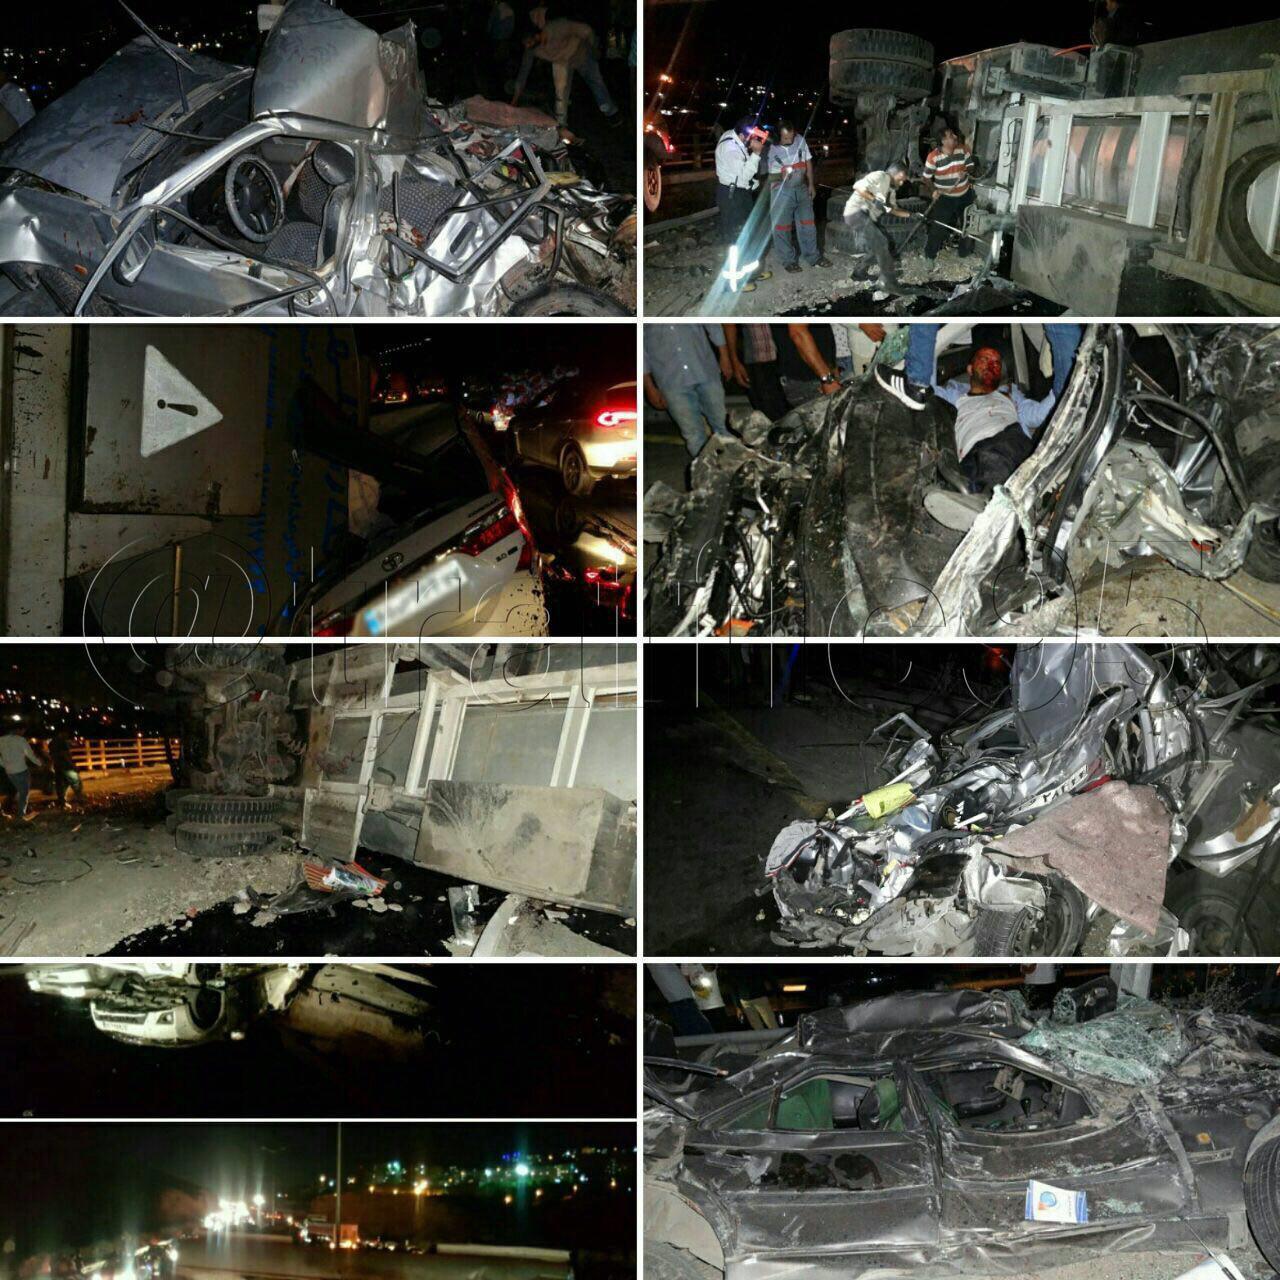 واژگونی تریلر حاوی قیر به علت برخورد با چند خودرو  عامل ترافیک سنگین در محور تهران به دماوند (+عکس)